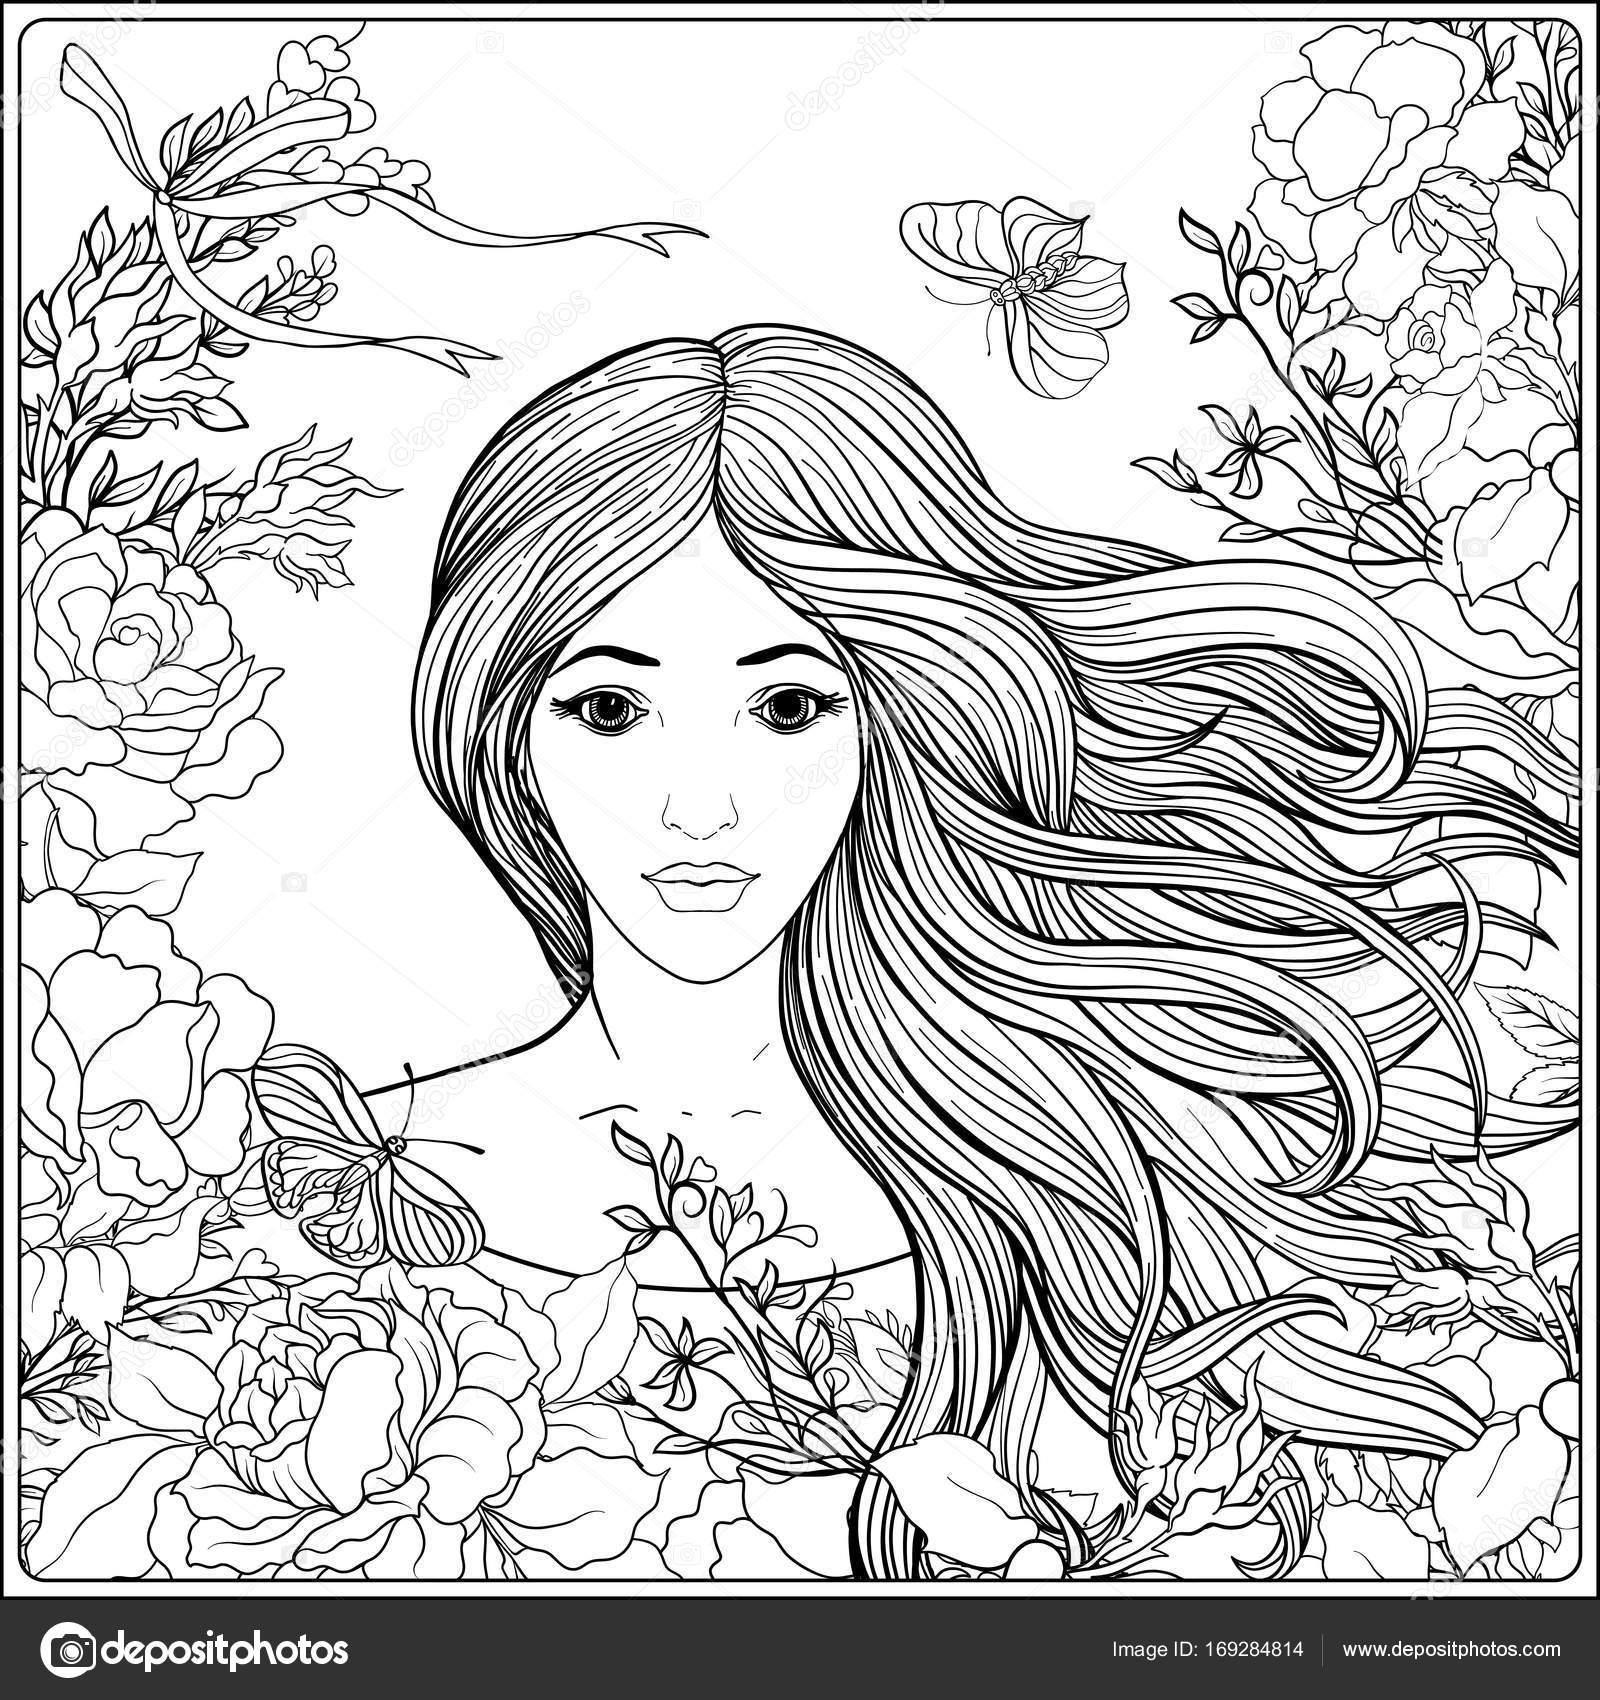 молодая красивая девушка с длинными волосами в богатых